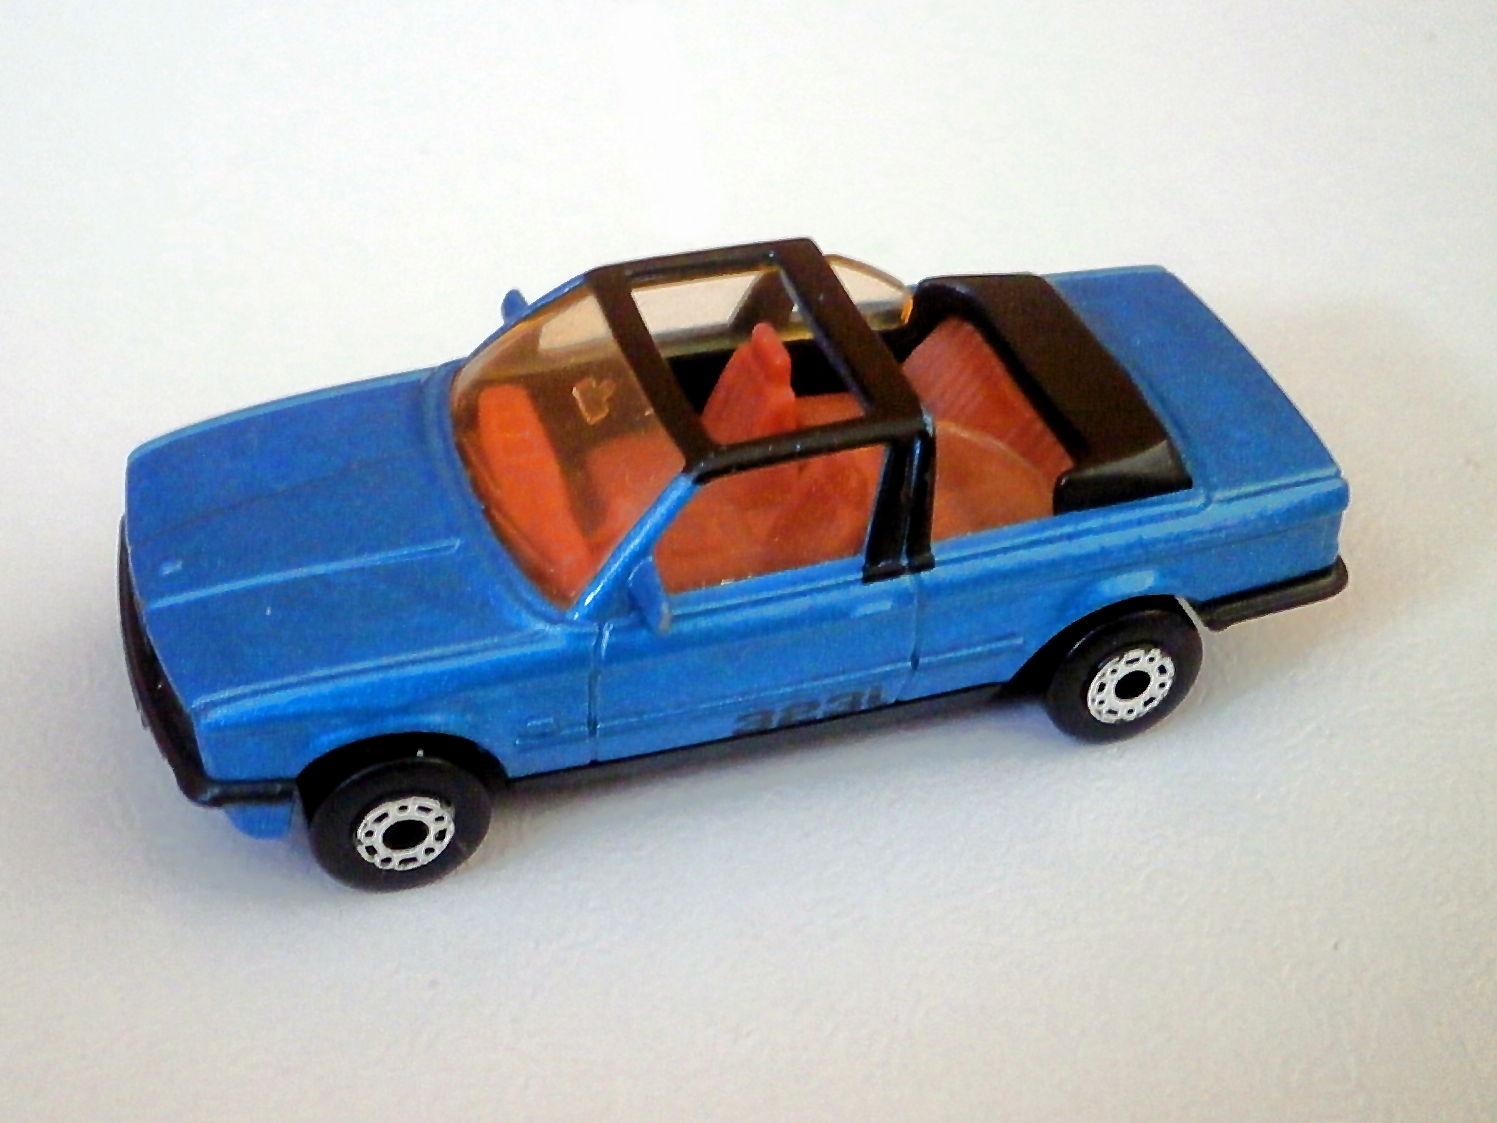 Bmw Cabriolet Matchbox Cars Wiki Fandom Powered By Wikia